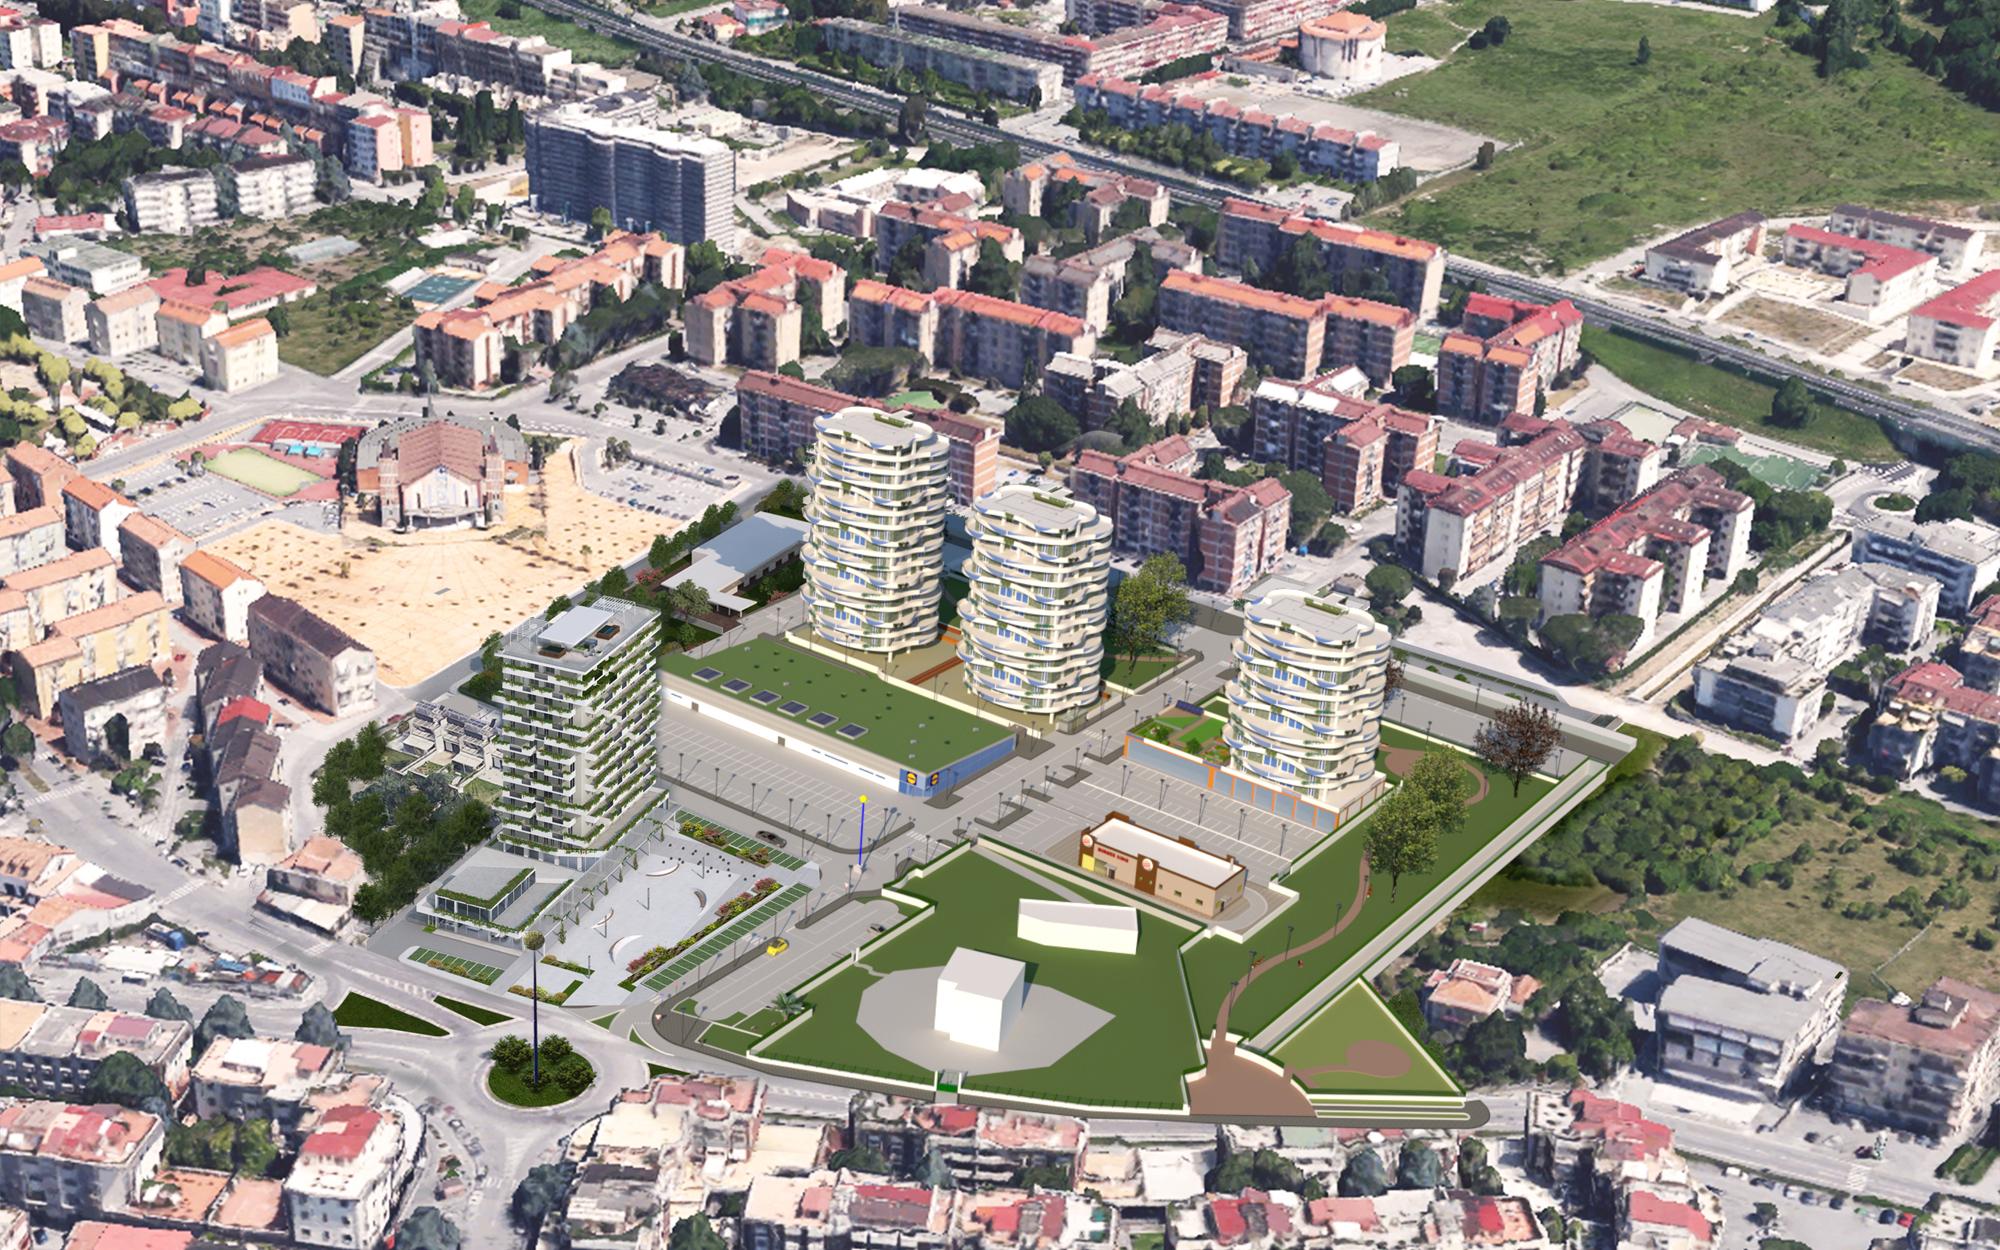 milara-srl-gruppo-postiglione-societa-di-costruzioni-e-vendita-appartamenti-immobili-residenziali-commerciali-cr28-torre-mare-arbostella-003